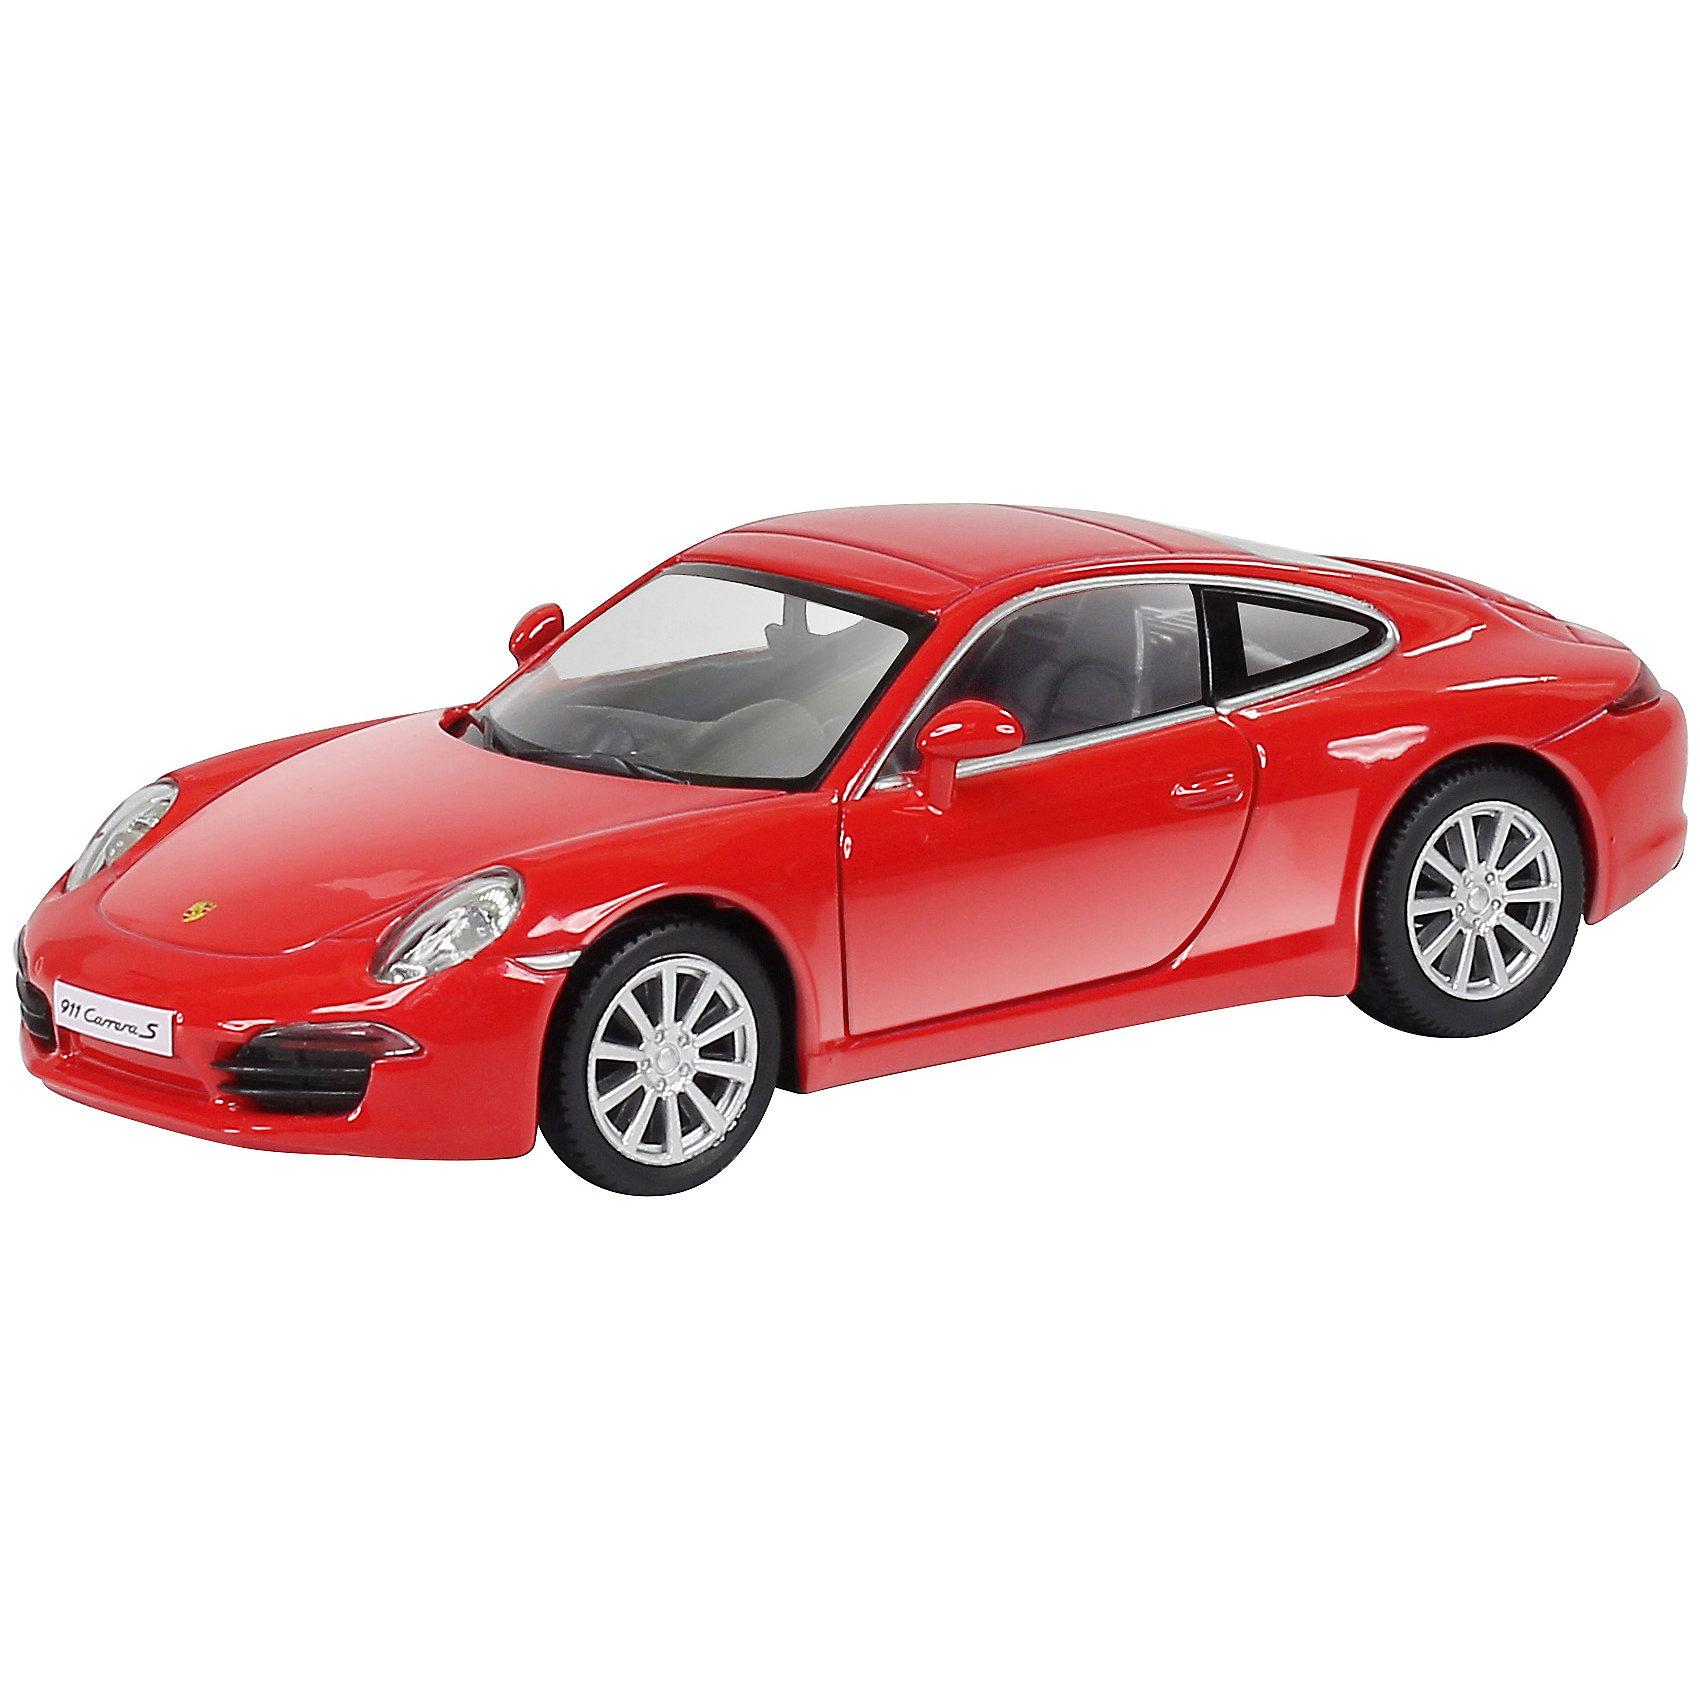 Машинка Porsche 911 Carrera S, KRUTTIКоллекционные модели<br>Невероятно стильная и красивая модель, выполненная в масштабе 1:32 приведет в восторг любого мальчишку. Машина прекрасно детализирована, очень похожа на настоящую. Колеса свободно вращаются, двери открываются. Игрушка выполнена из высококачественных прочных материалов. Автомобиль займет достойное место в коллекции вашего юного автолюбителя.  <br><br>Дополнительная информация:<br><br>- Масштаб: 1:32.<br>- Материал: металл, пластик, резина. <br>- Размер: 12,6х5х3,5 см.<br>- Функции: свободный ход колес, открывающиеся двери.<br><br>Машинку Porsche 911 Carrera S, KRUTTI (Крутти), можно купить в нашем магазине.<br><br>Ширина мм: 160<br>Глубина мм: 80<br>Высота мм: 70<br>Вес г: 188<br>Возраст от месяцев: 36<br>Возраст до месяцев: 168<br>Пол: Мужской<br>Возраст: Детский<br>SKU: 4304449